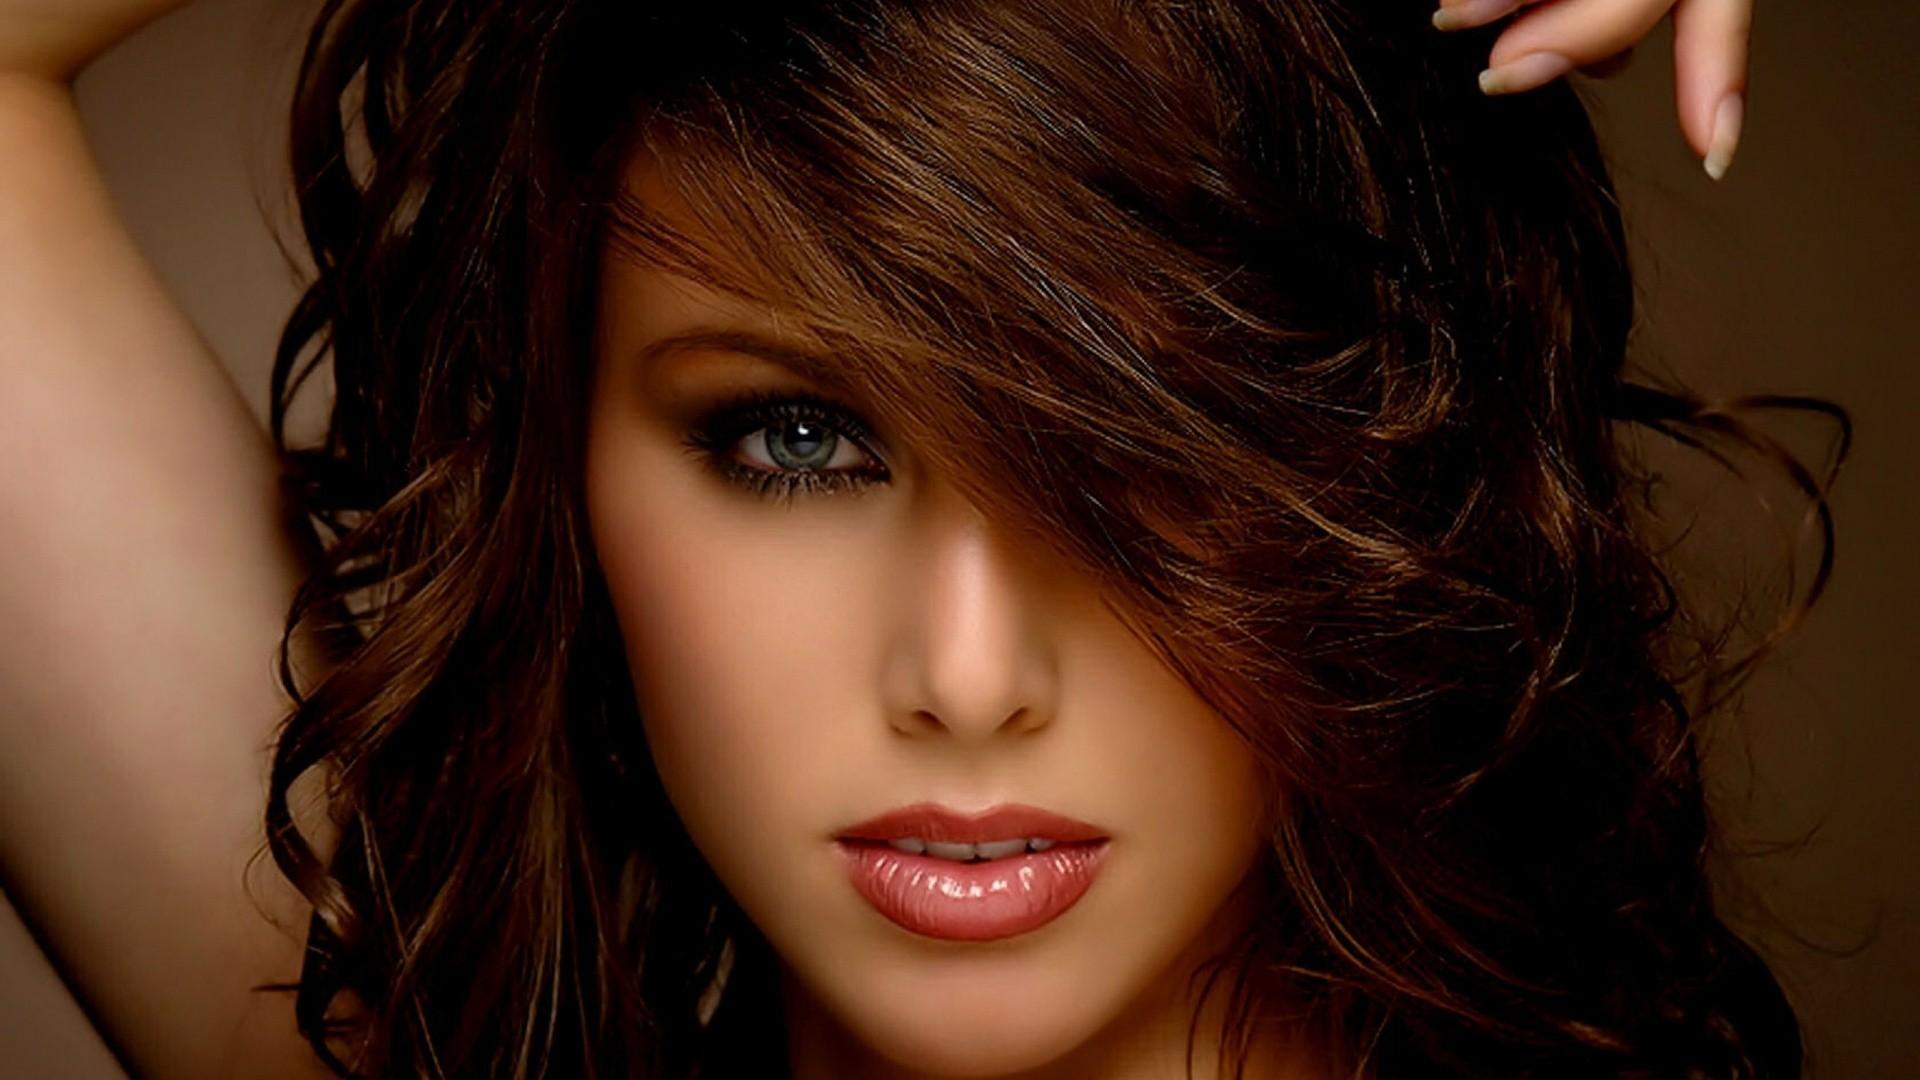 Фто шатенок с красивыми волосами 5 фотография